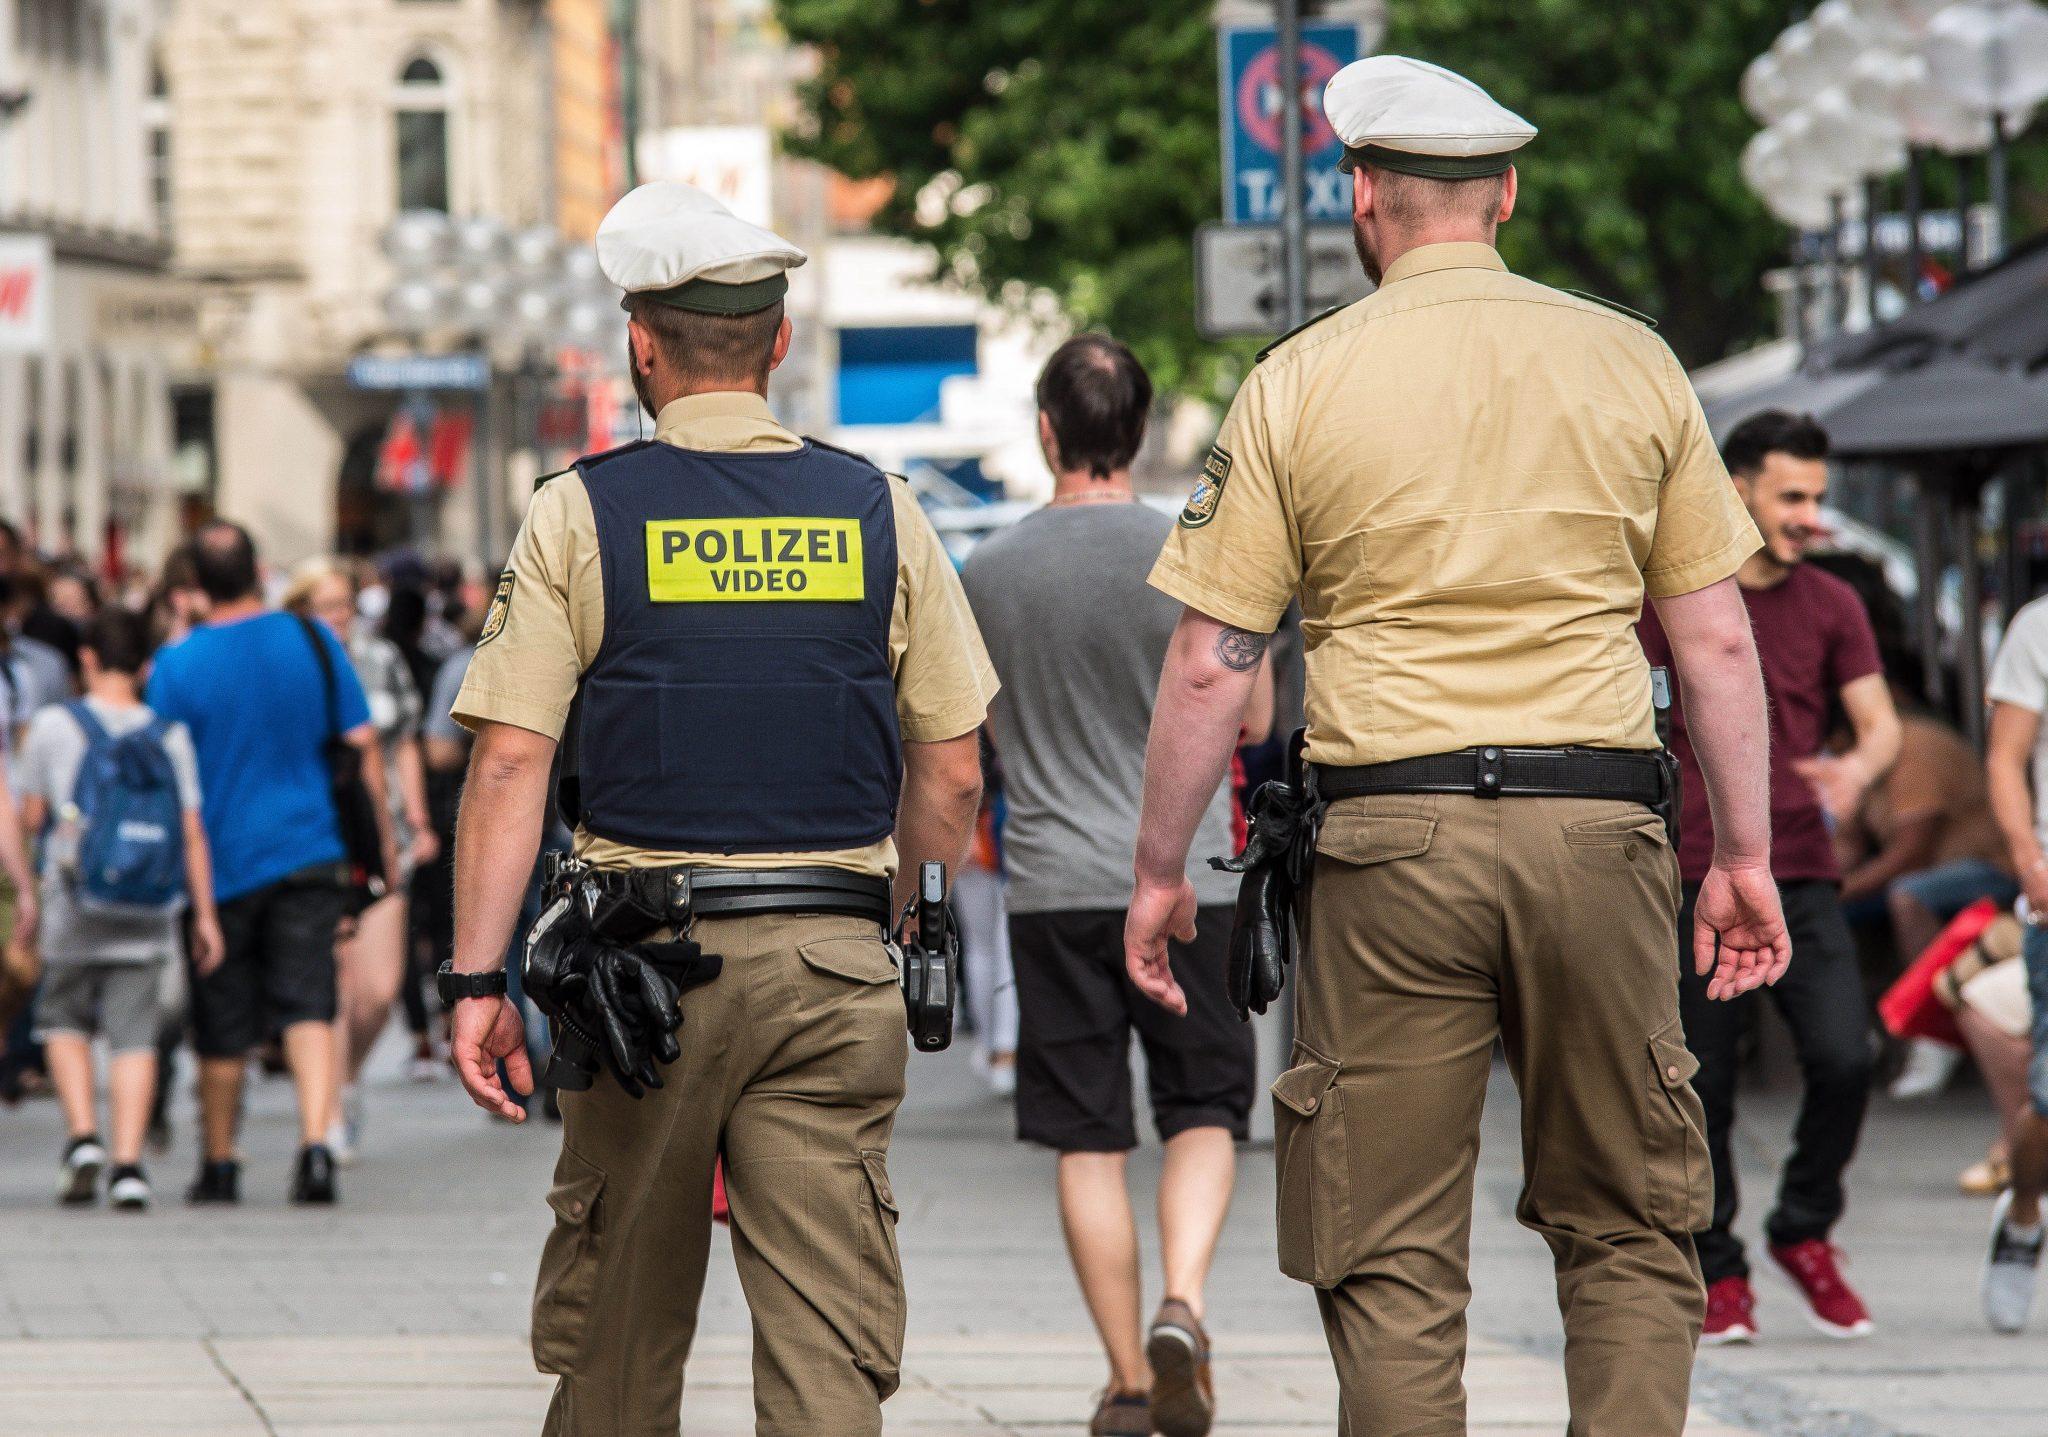 Eine Polizeistreife geht durch die Münchner Fußgängerzone (Archivbild) Foto: picture alliance/ZUMA Press